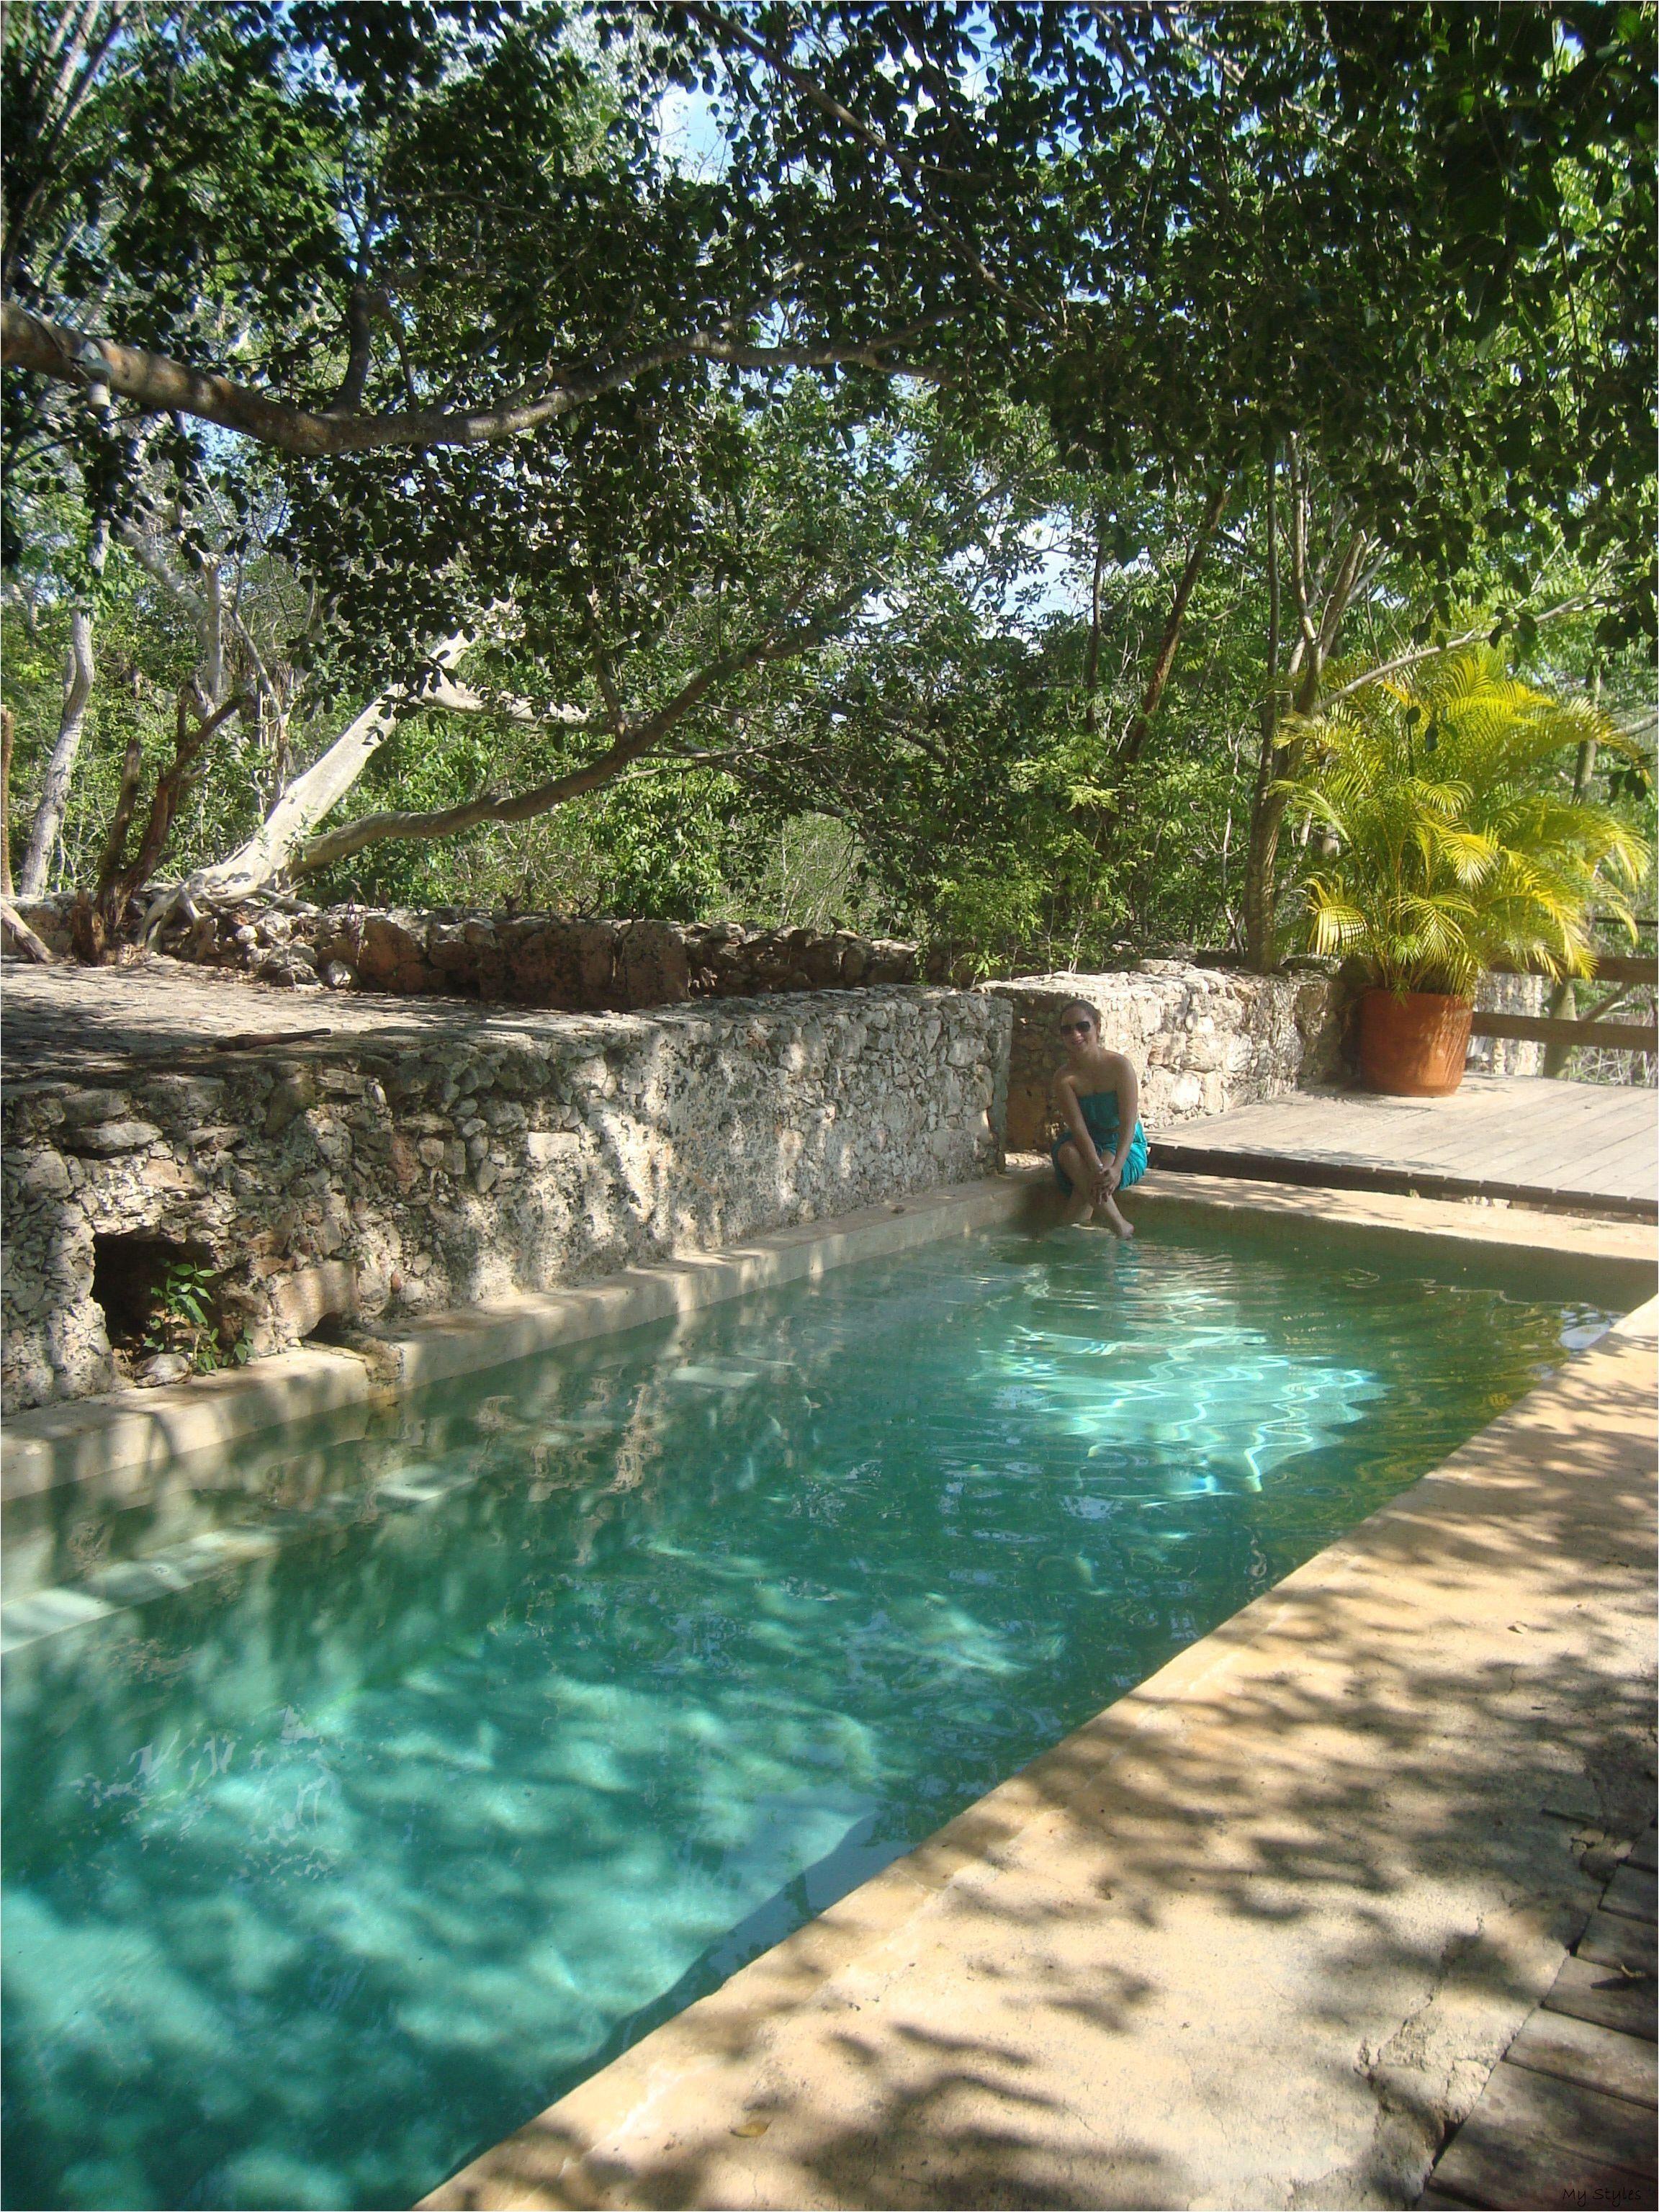 Tanque Pool Pinterest Fa R Planen Pool Im Garten Bauen Garten Landschaftsbau Zaun In 2020 Swimming Pools Backyard Backyard Pool Designs Swimming Pool Designs